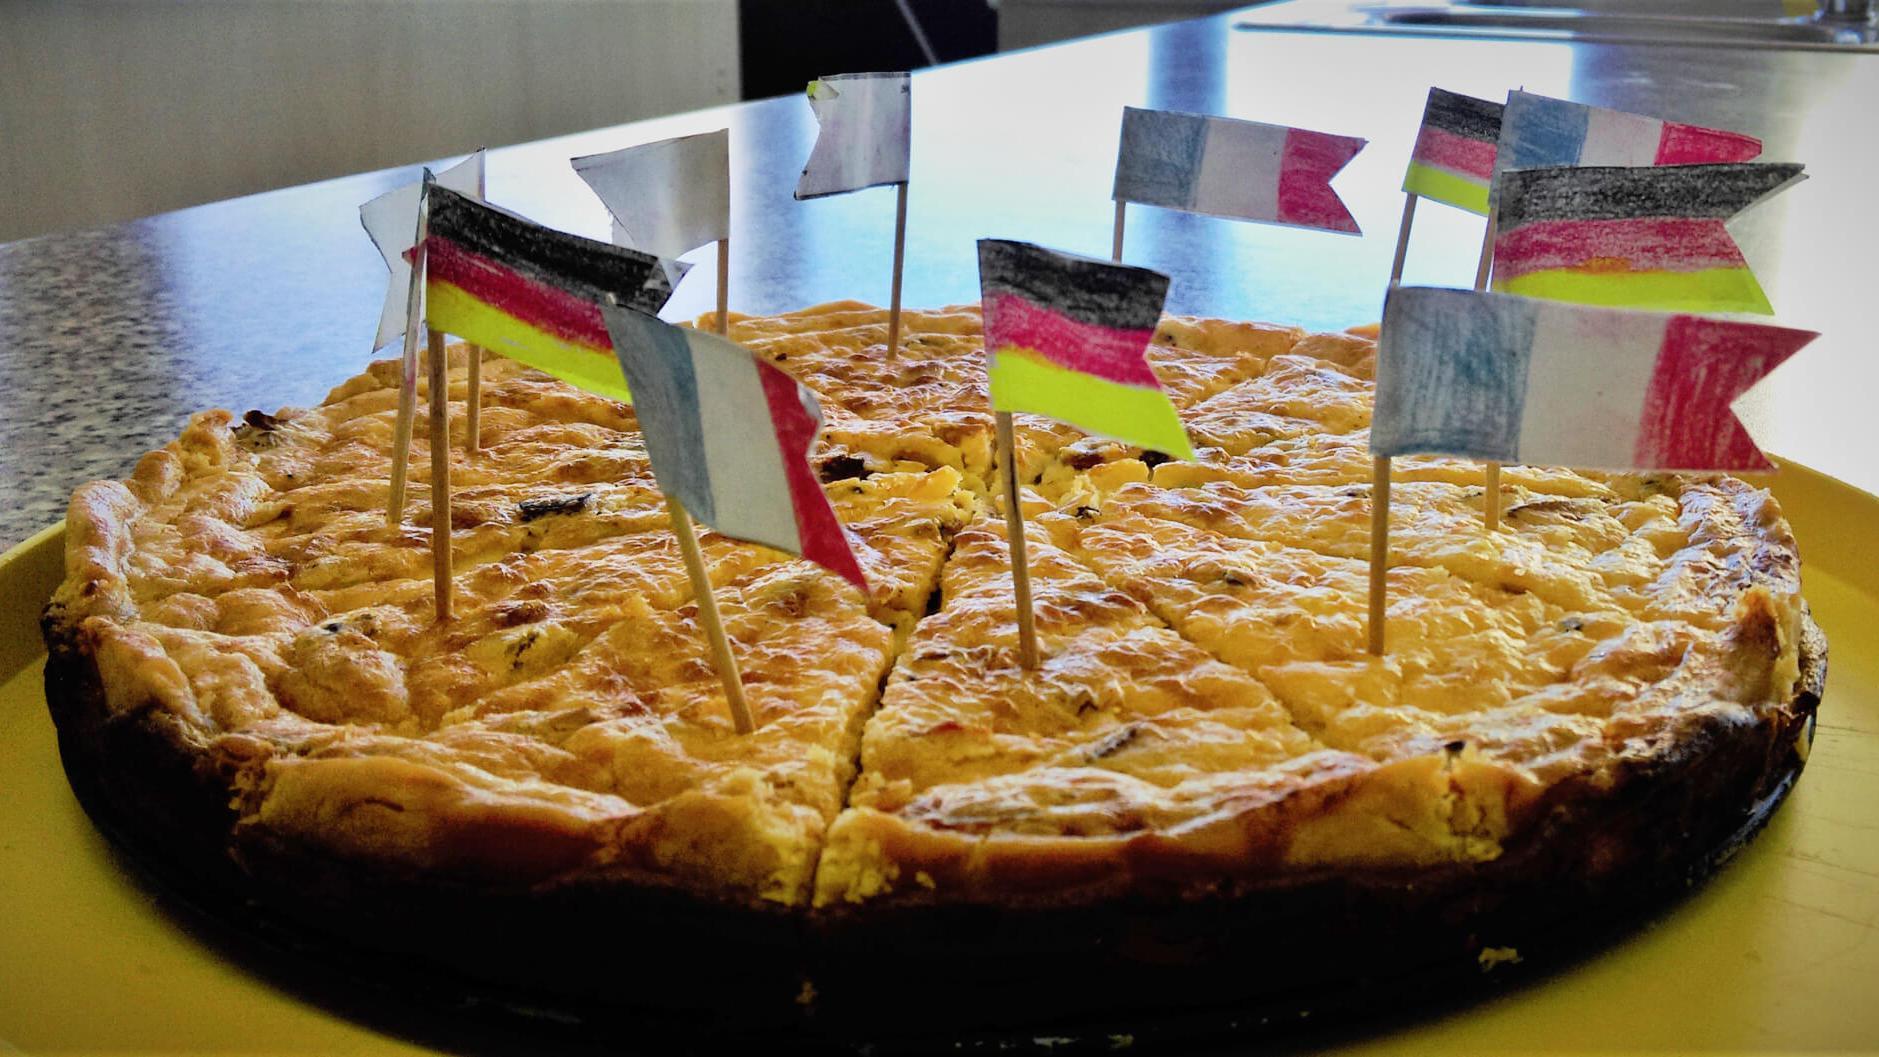 Das Bild zeigt einen Kuchen mit französischen und deutschen Flaggen